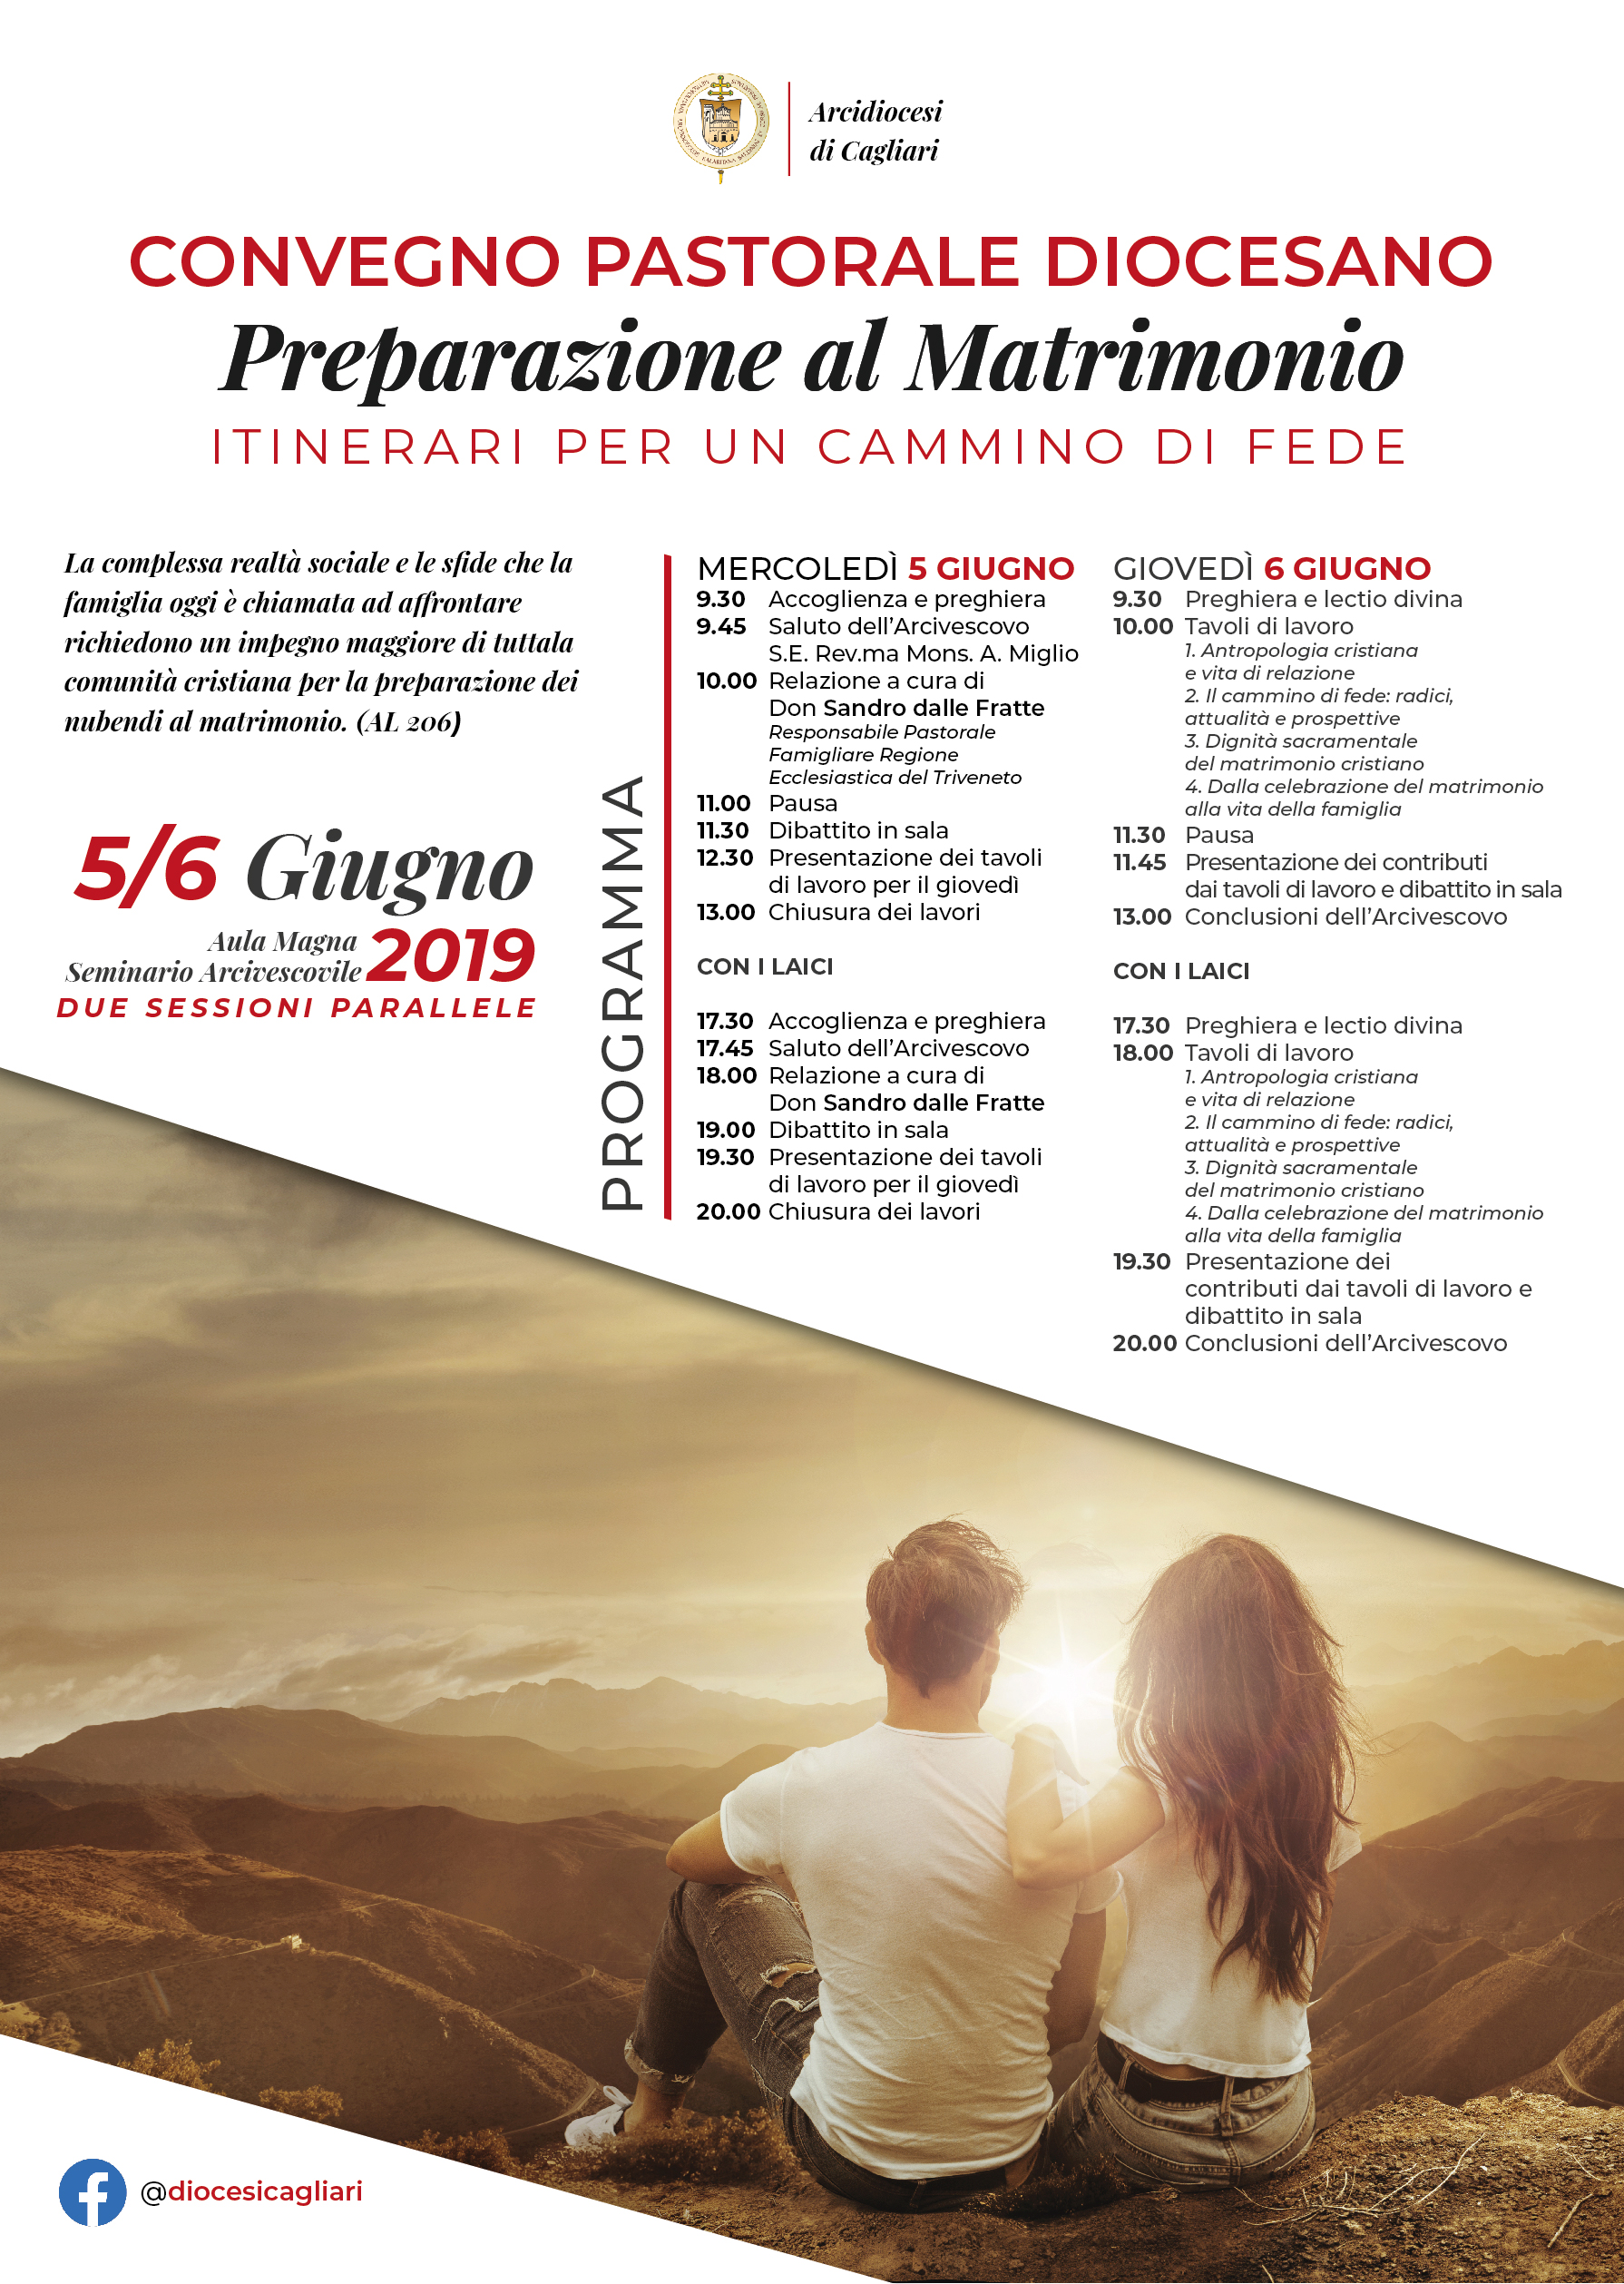 convegno-pastorale-2019-preparazione-al-matrimonio